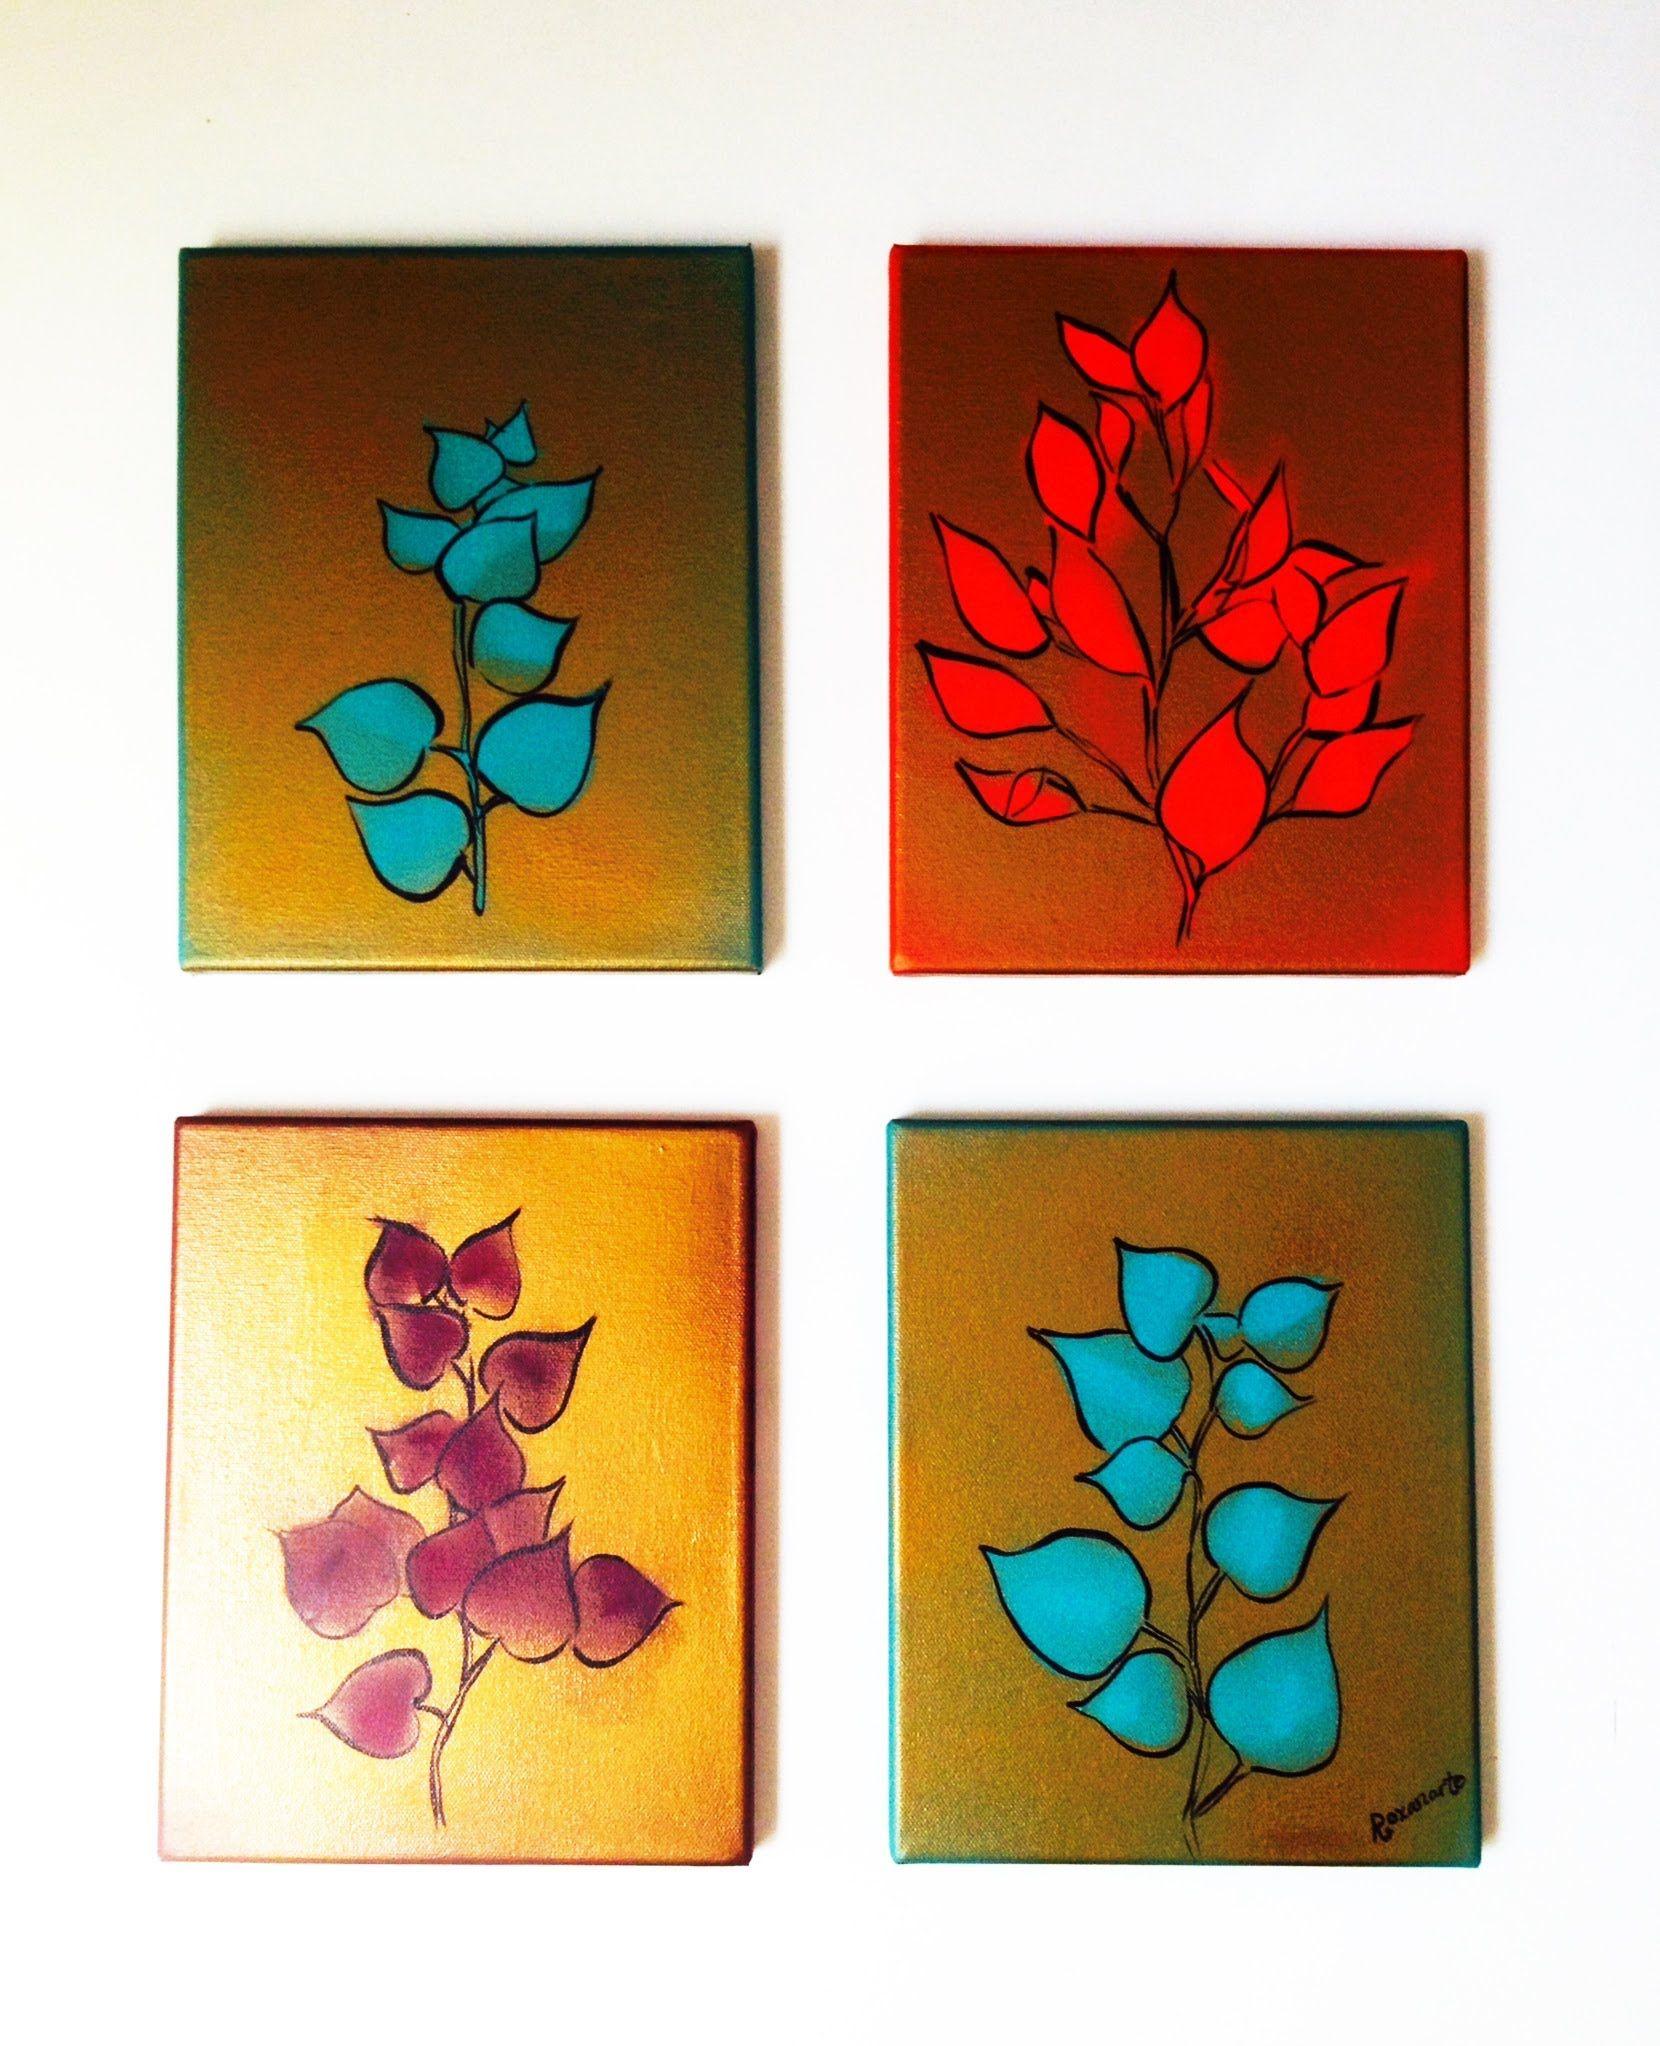 Cómo hacer cuadros para decorar o regalar fácil y rápido   Proyectos ...